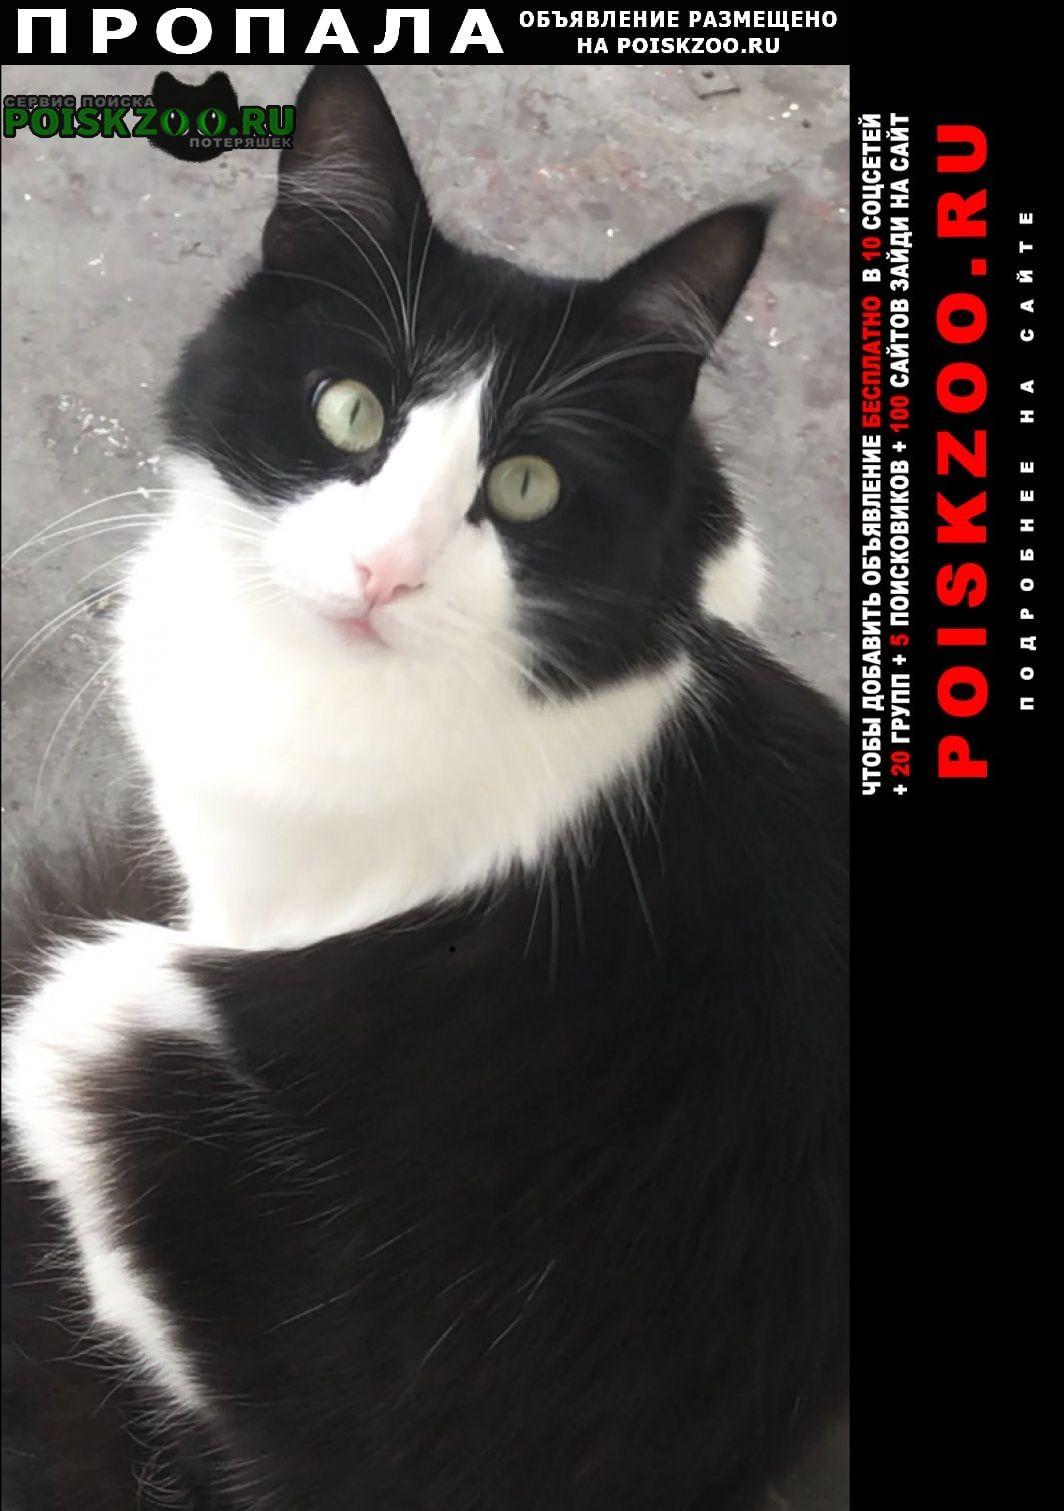 Пропал кот чёрно-белый Москва